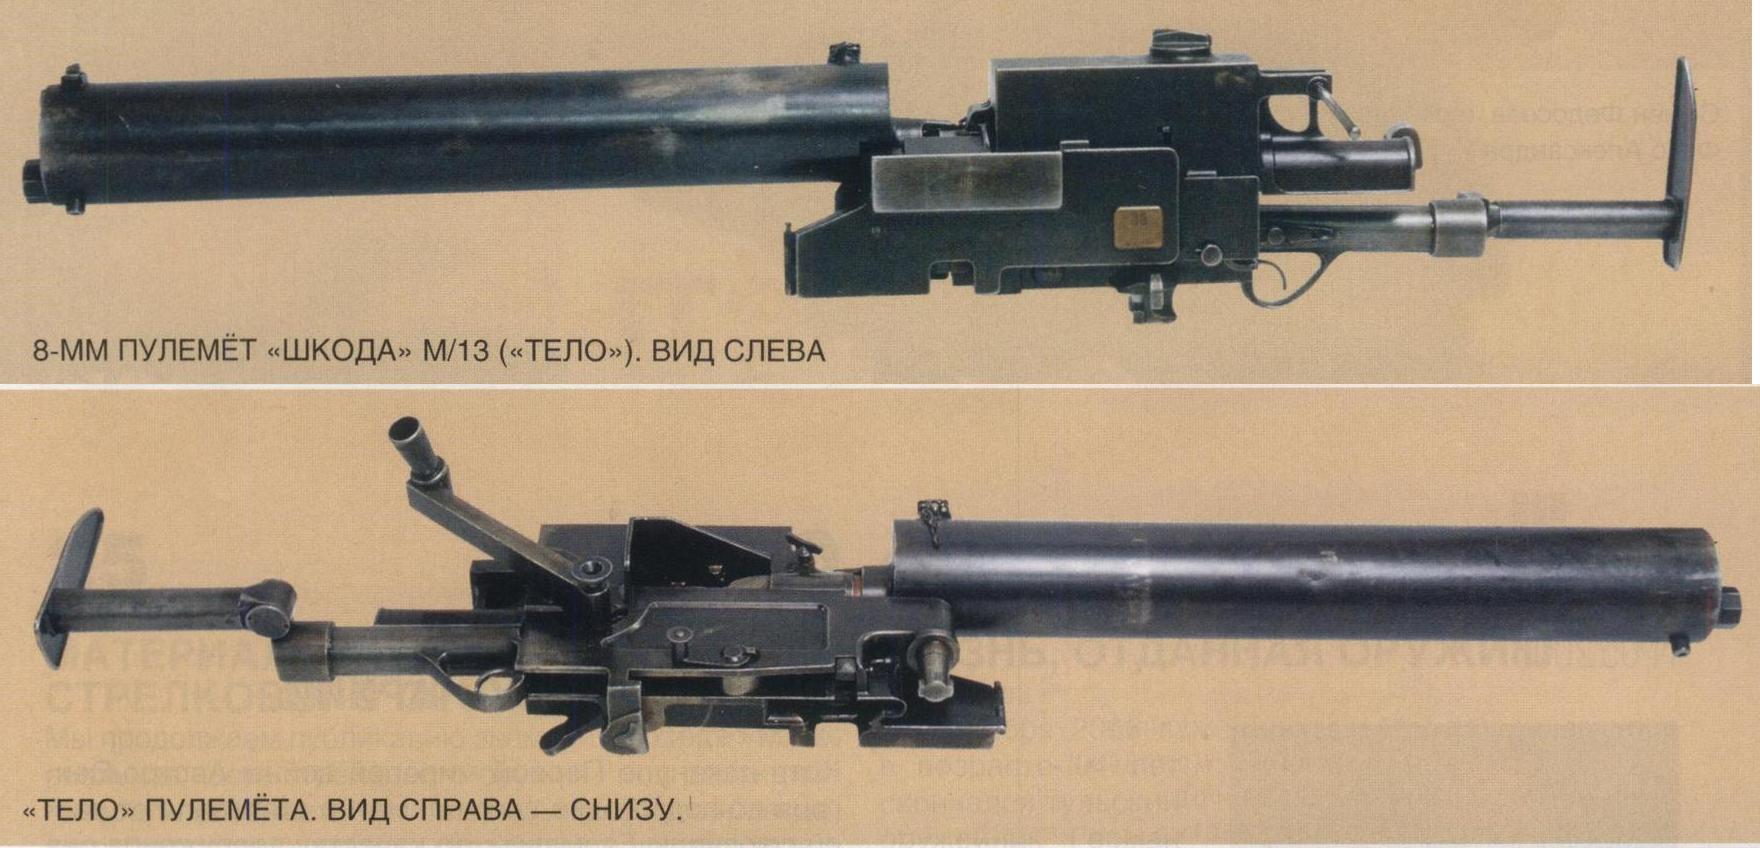 skoda m1909 machine gun